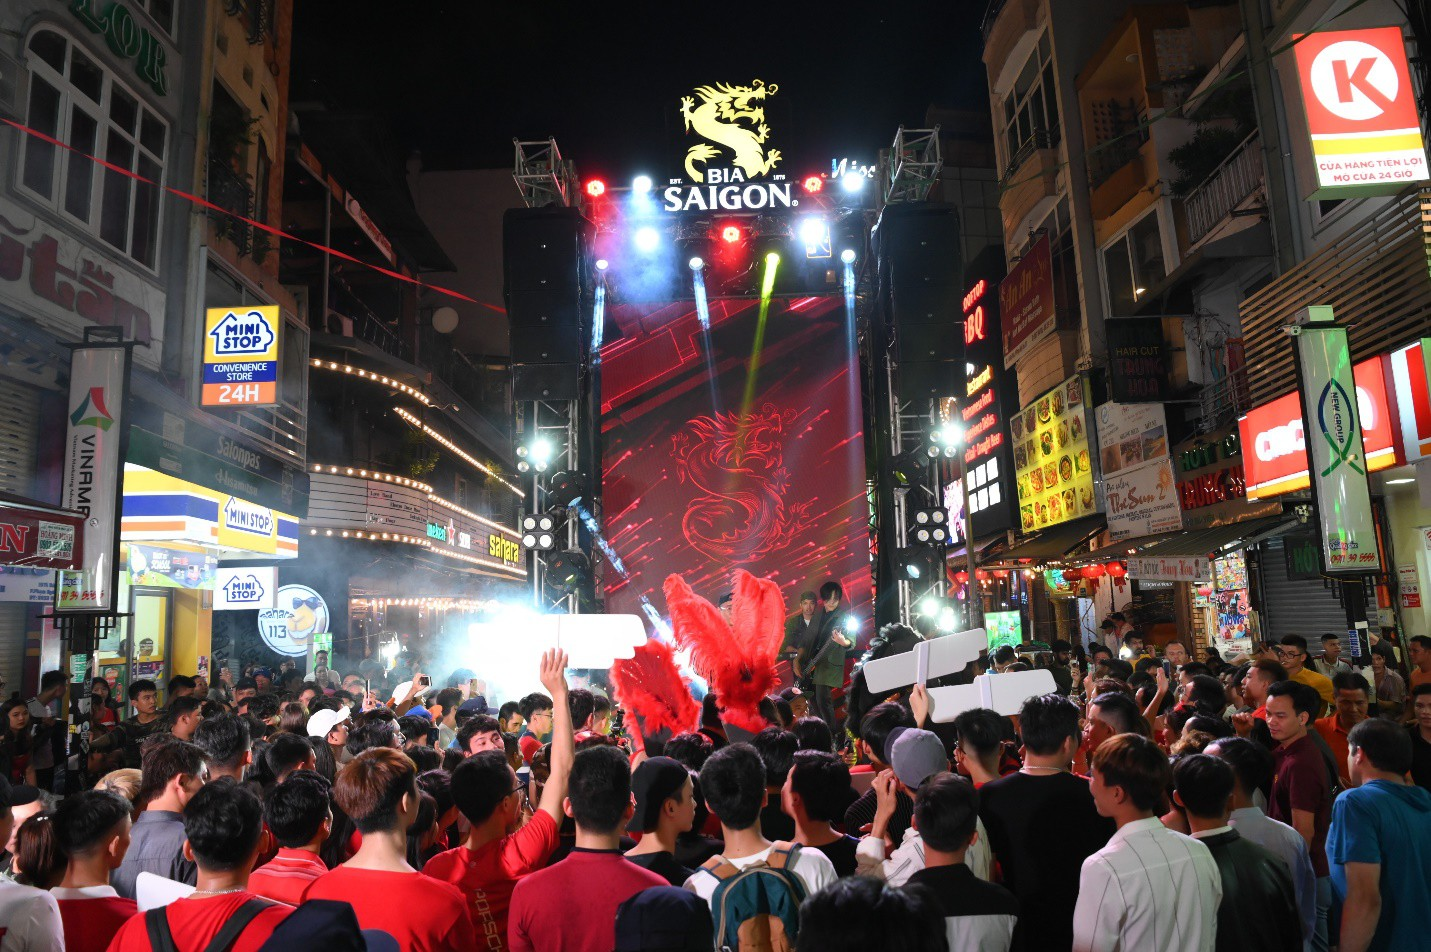 """Hàng nghìn bạn trẻ """"quẩy"""" hết mình tại sự kiện hoành tráng nhất tháng 8 mang tên """"Đêm Sài Gòn"""" - Ảnh 1."""